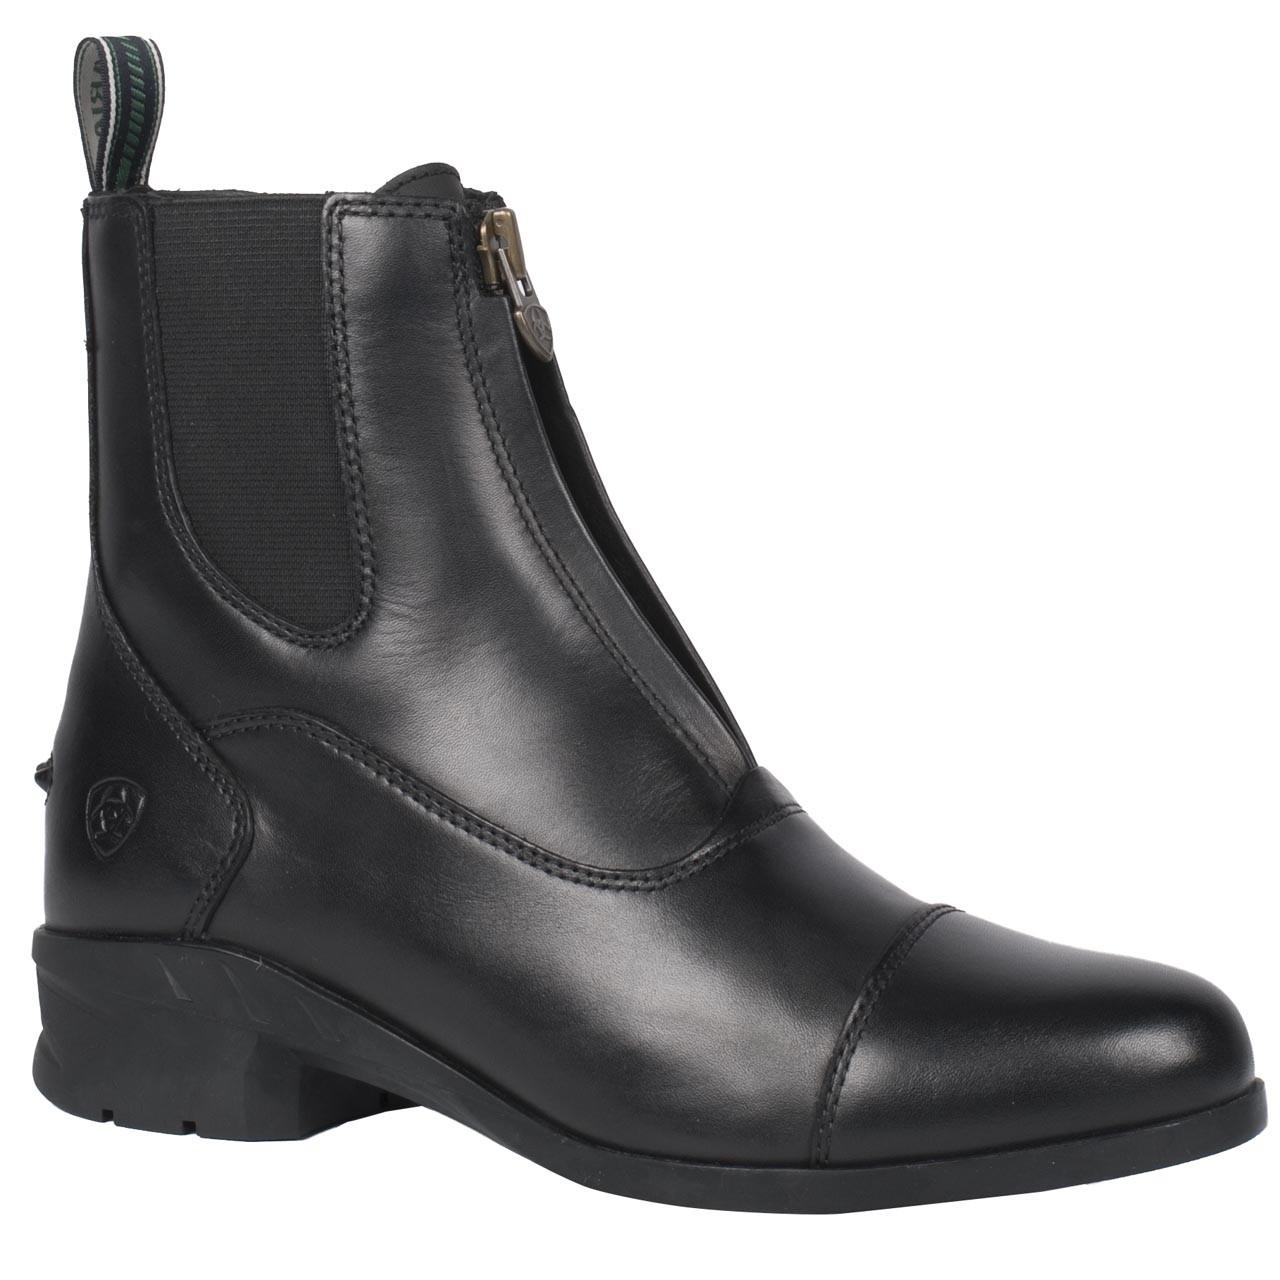 Ariat Heritage IV paddock zip zwart maat:38,5